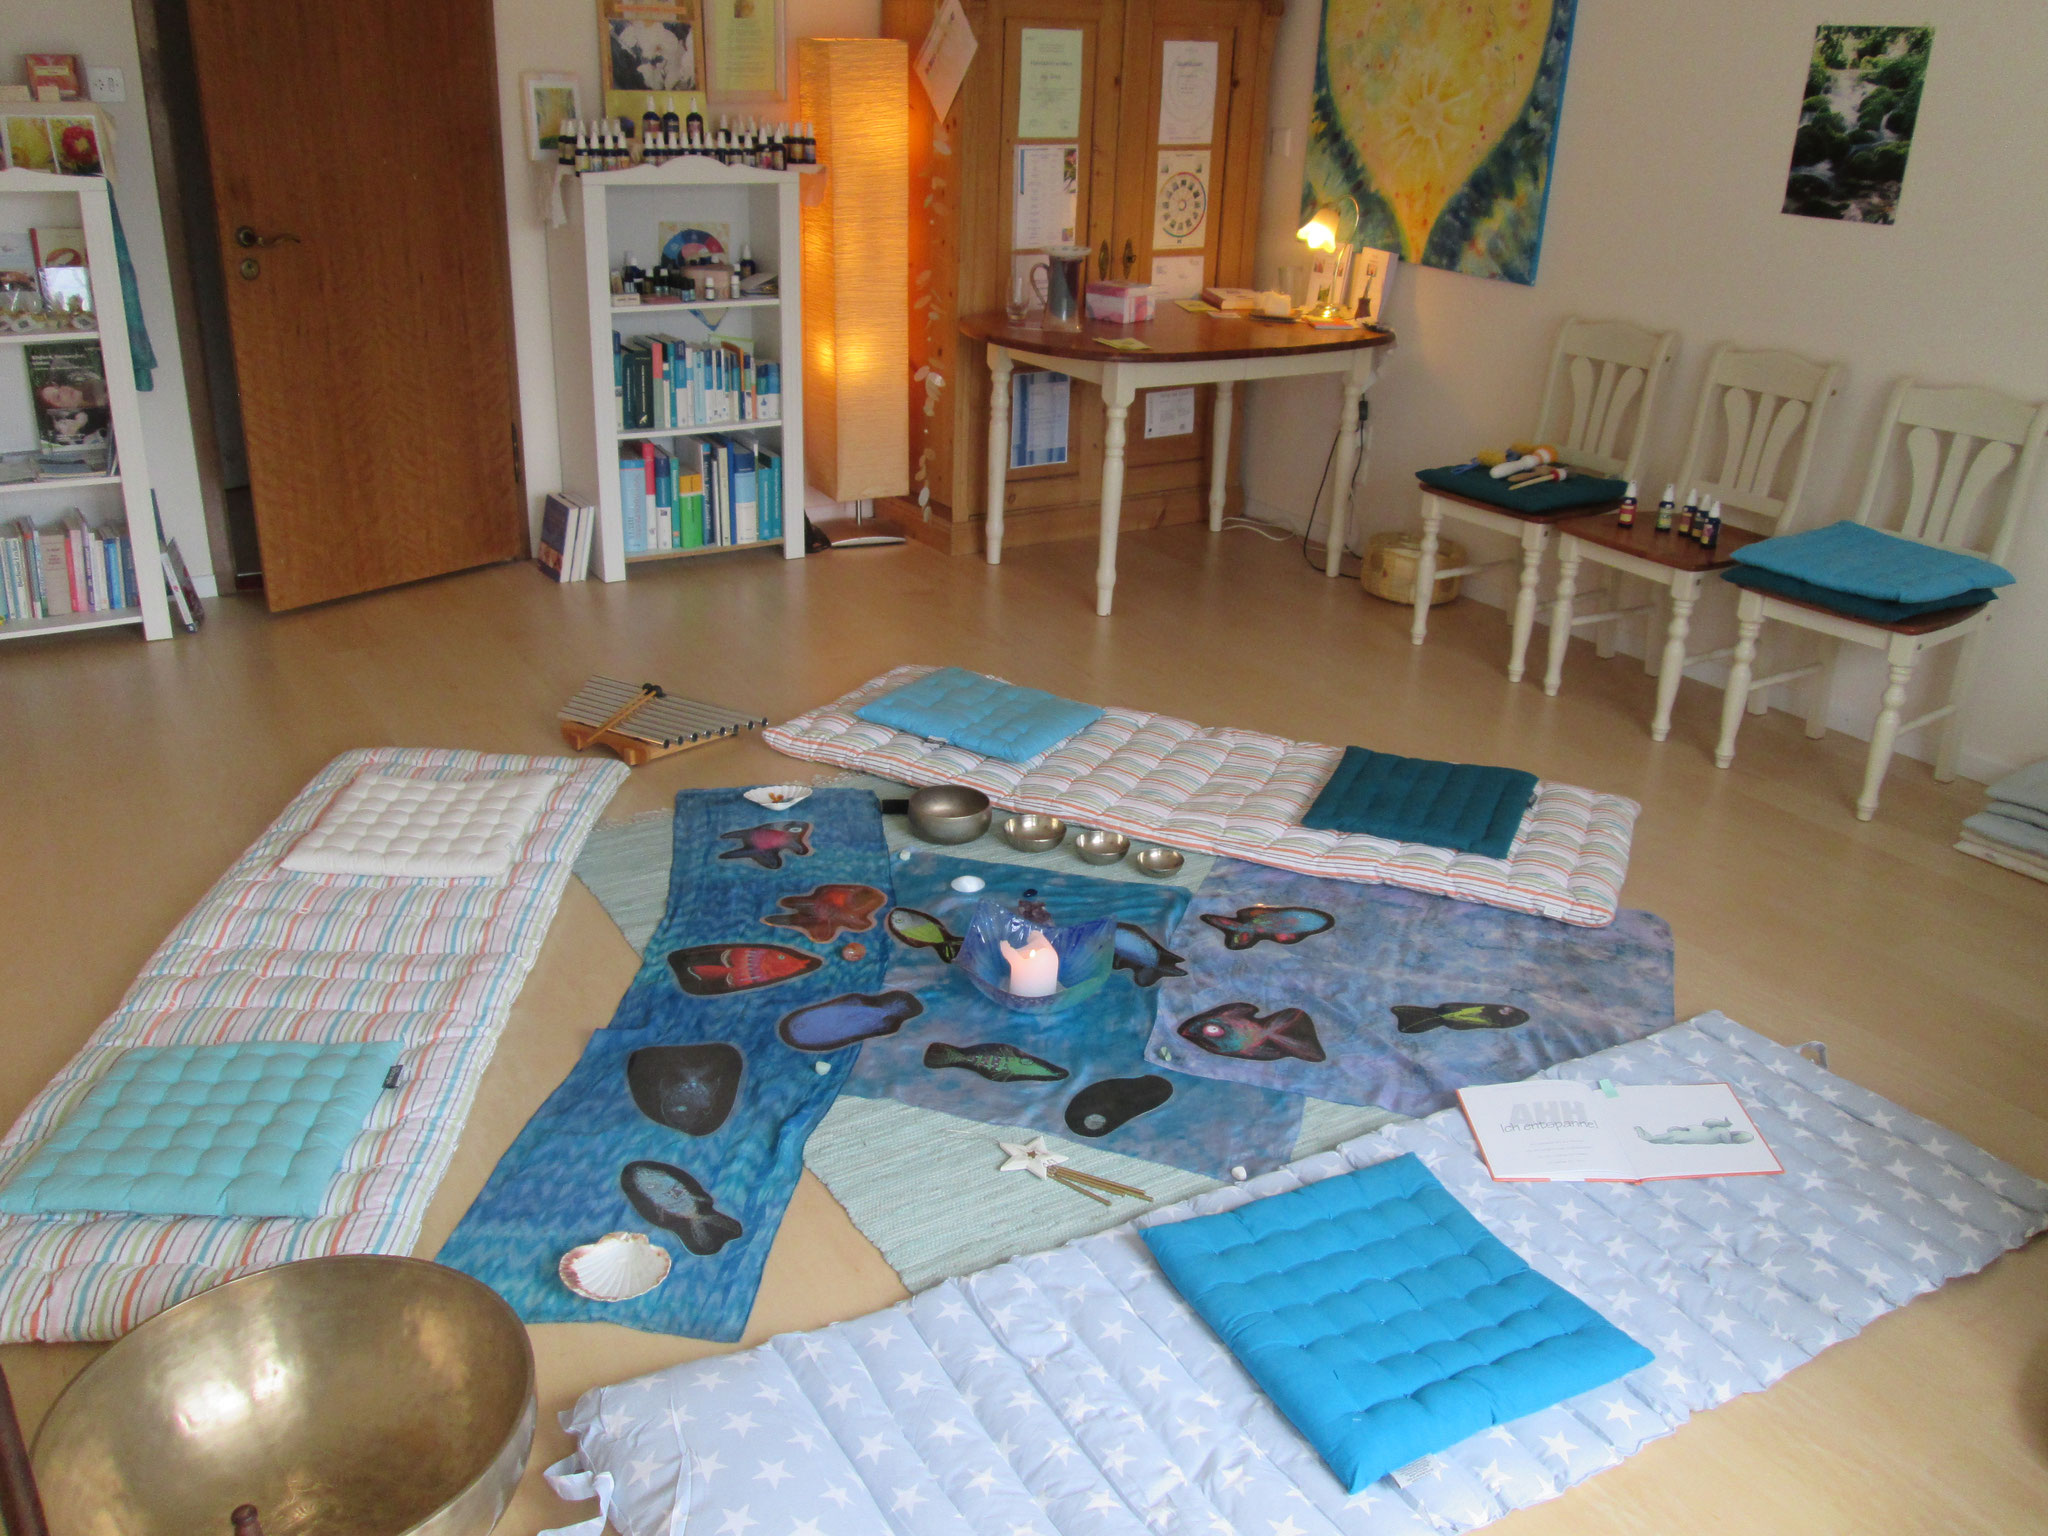 So sieht es bei der Kinder-Meditation aus...